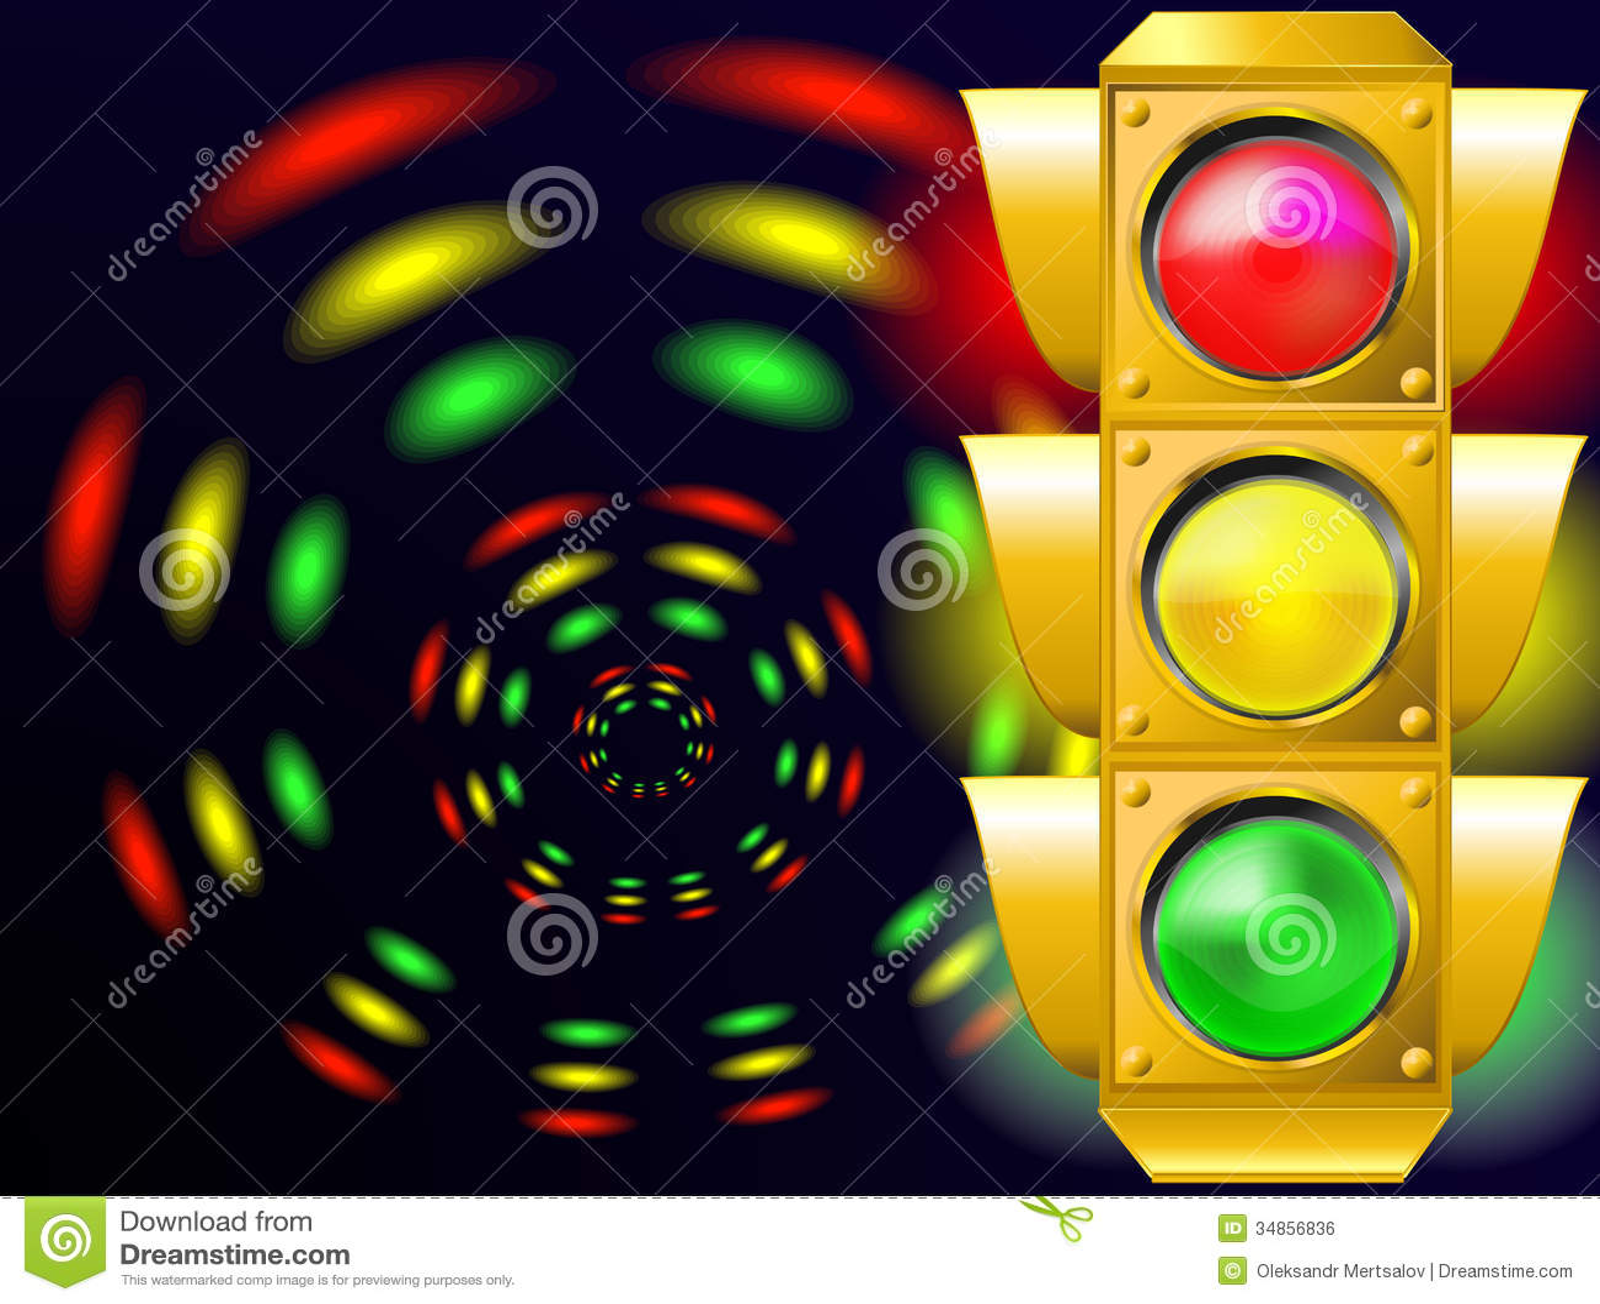 Traffic Light Stock Illustration Illustration Of Order 34856836